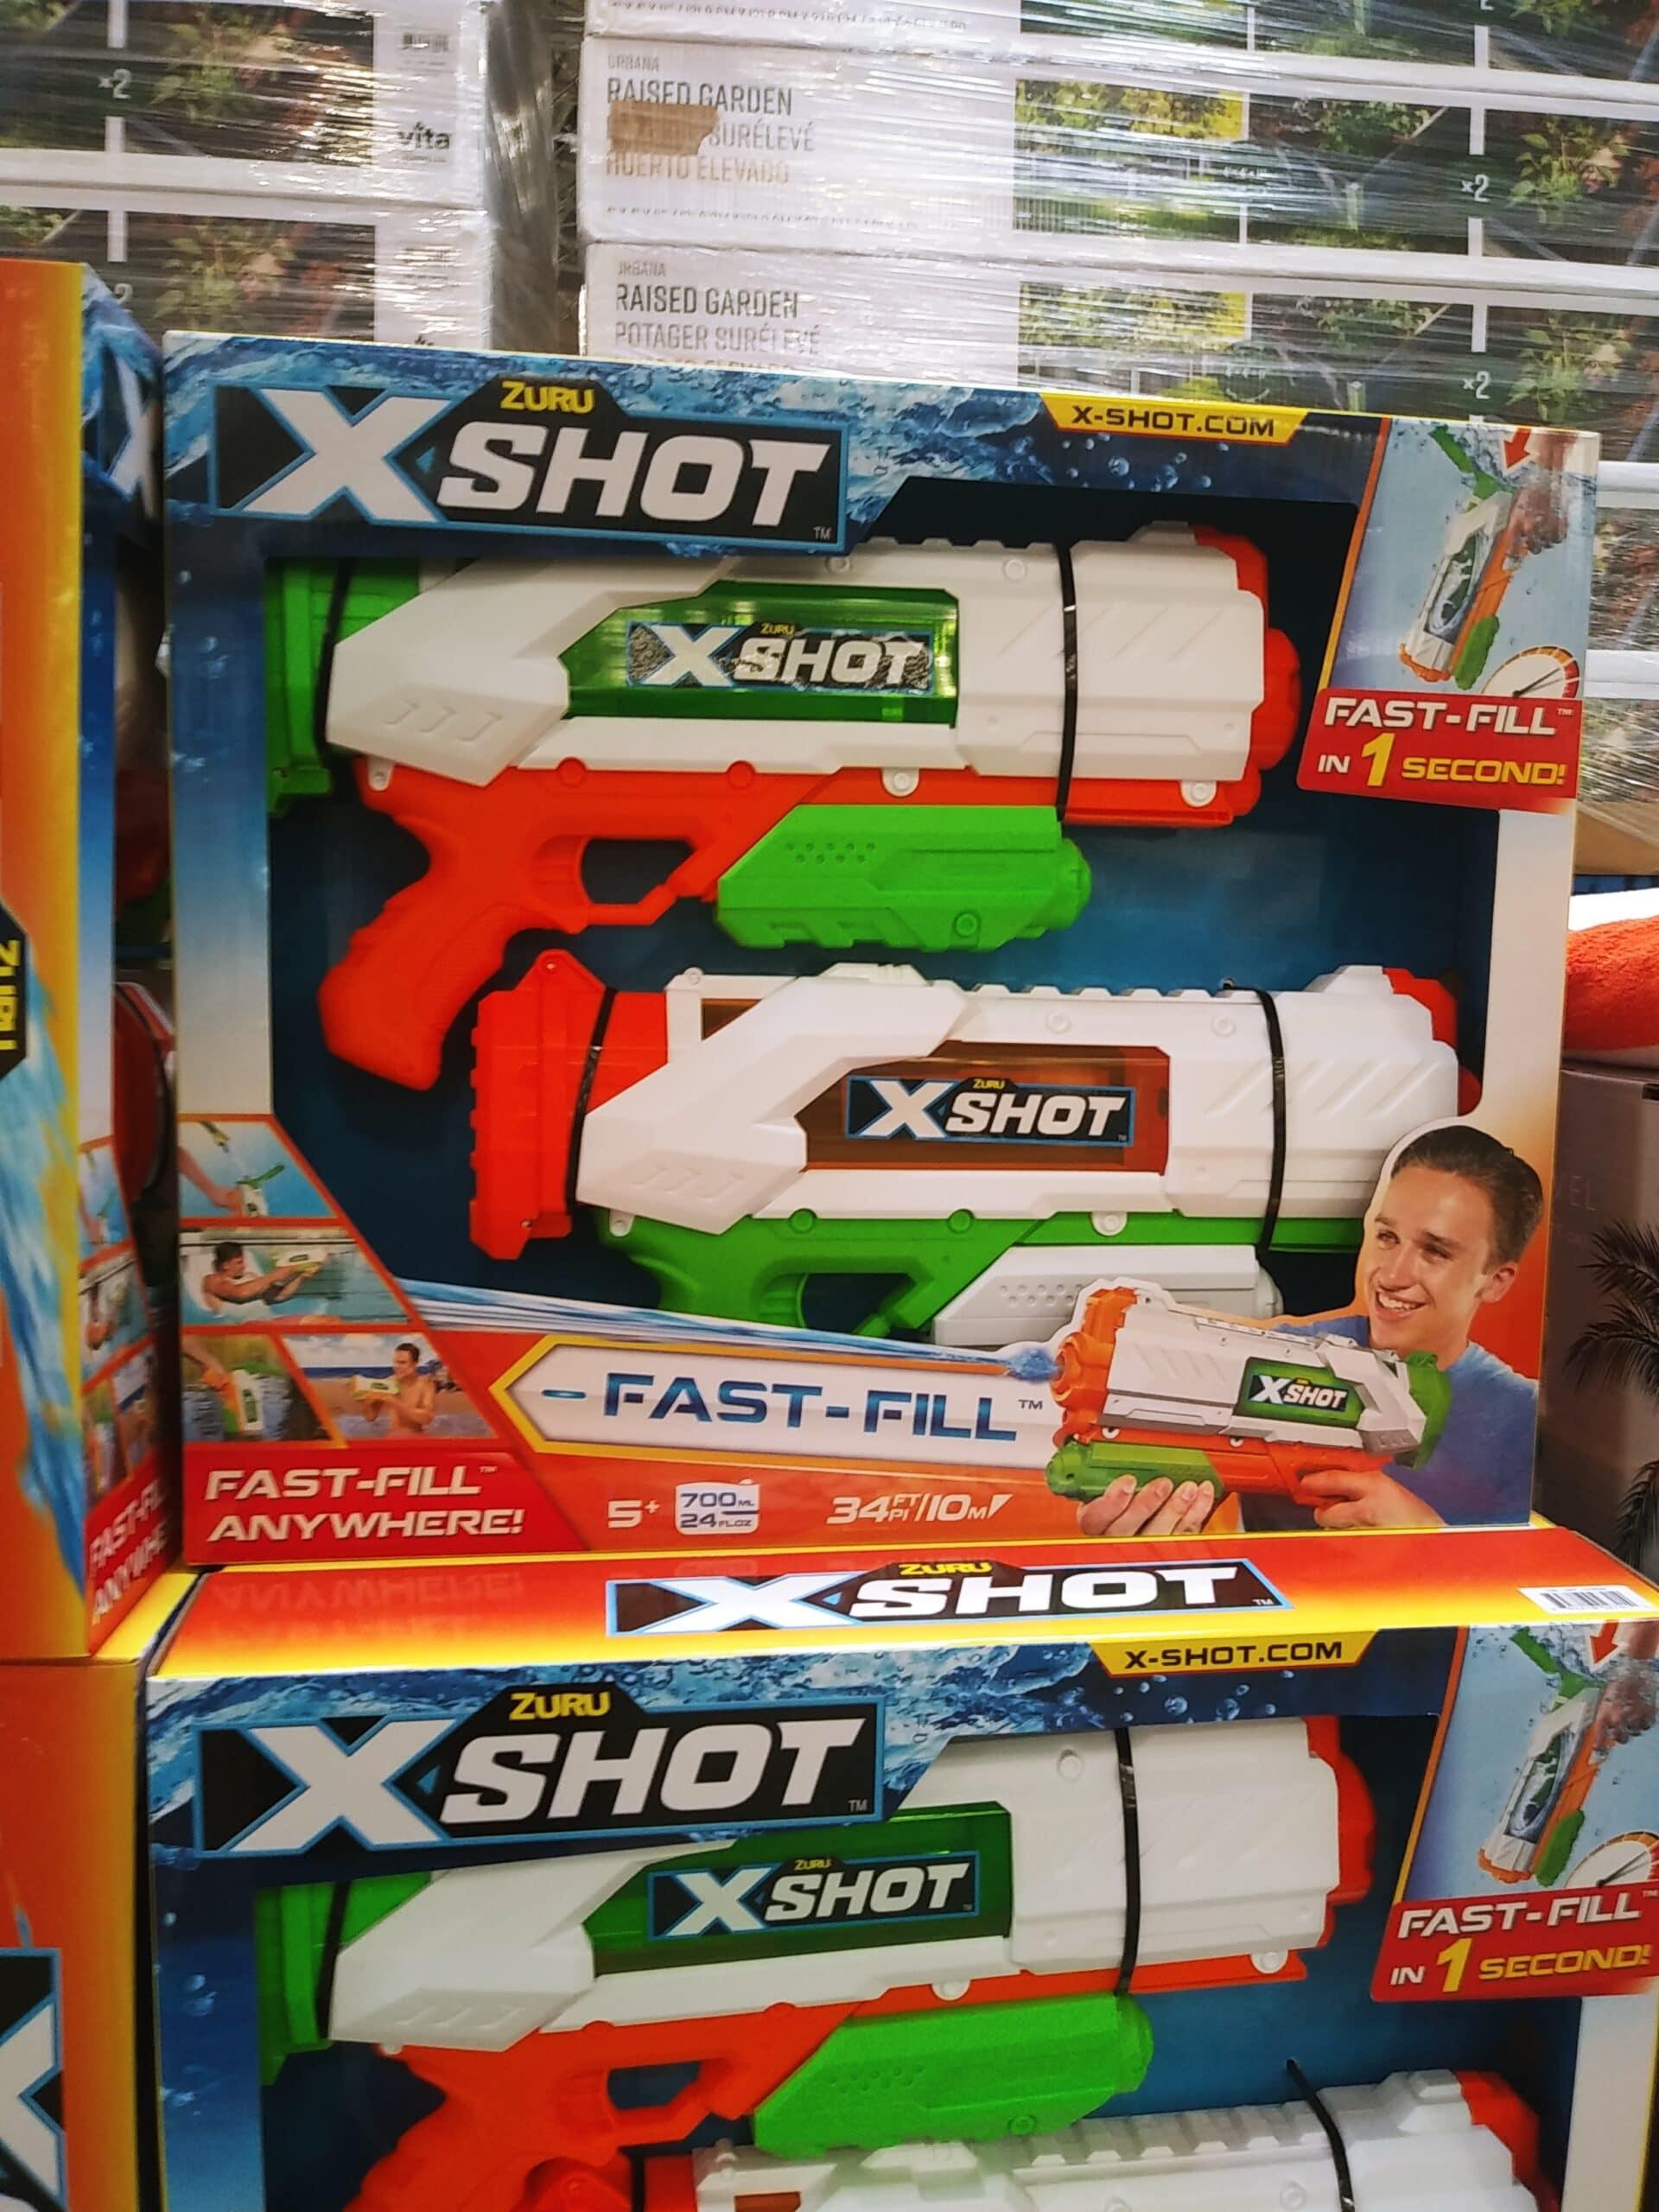 Zuru X Shot Water Blasters $13.99